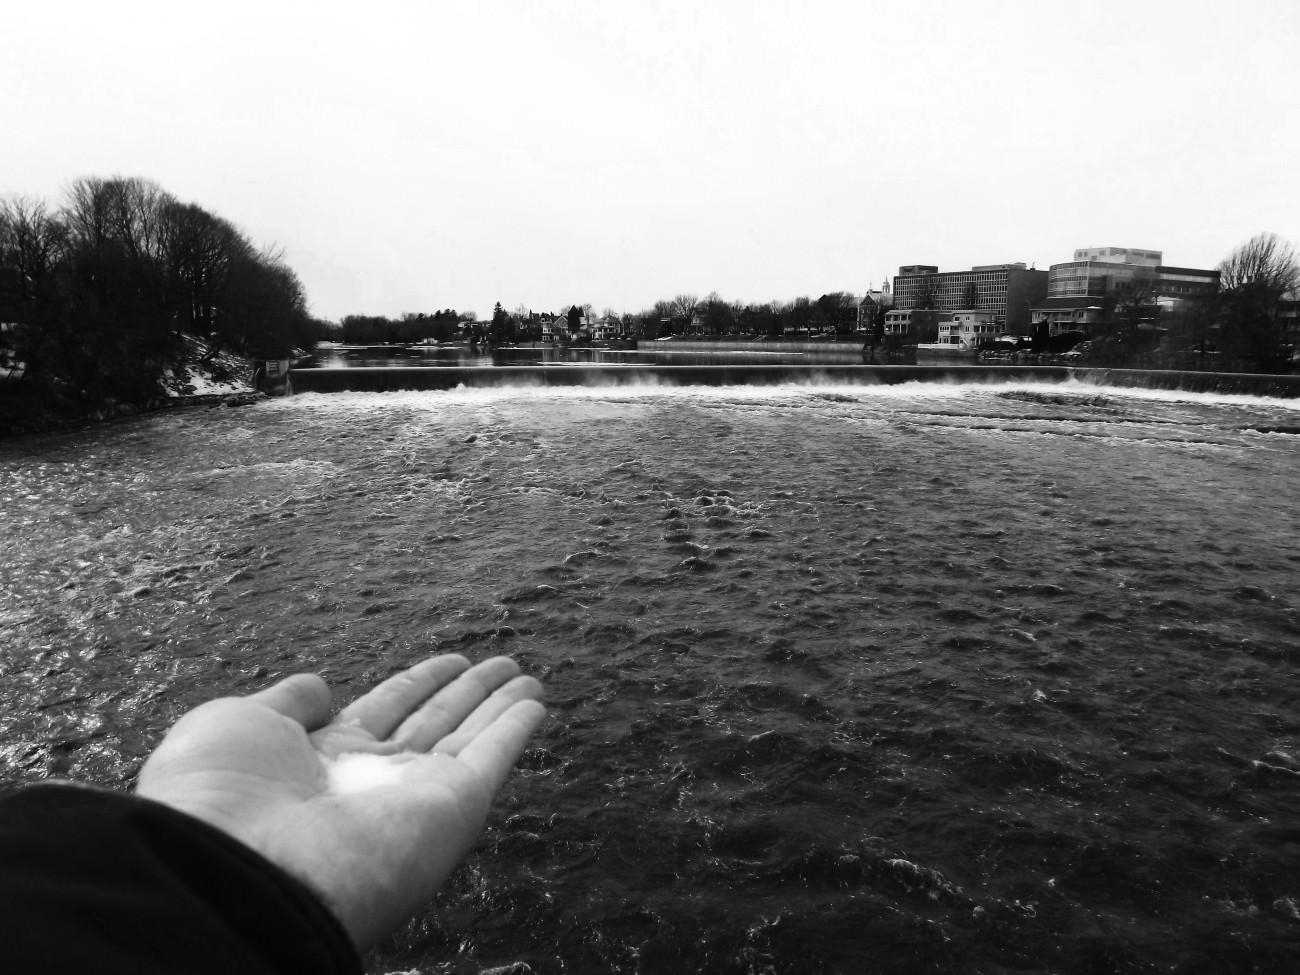 Steve Giasson. Performance invisible n° 7 (Ajouter une pincée de sel dans la mer). Performeuse : Corallie Houde. Crédit photographique : Corallie Houde. 3 mars 2017.